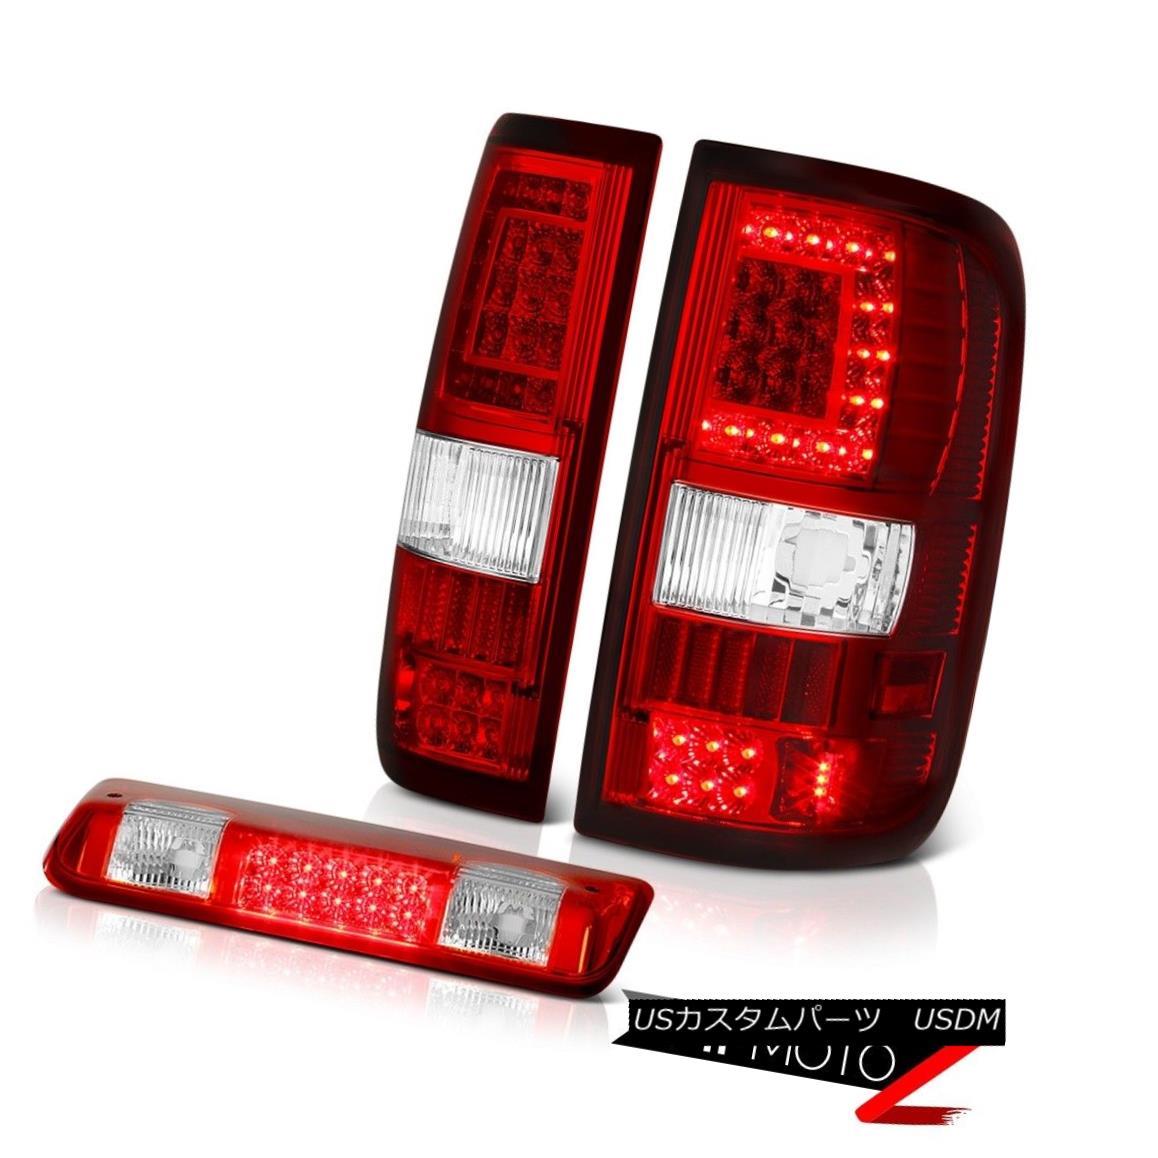 テールライト 04-08 Ford F150 Bloody Red Third Brake Led Bar Tail Lights Set Pair L+R LH+RH 04-08 Ford F150ブラッディレッド第3ブレーキLed BarテールライトセットペアL + R LH + RH